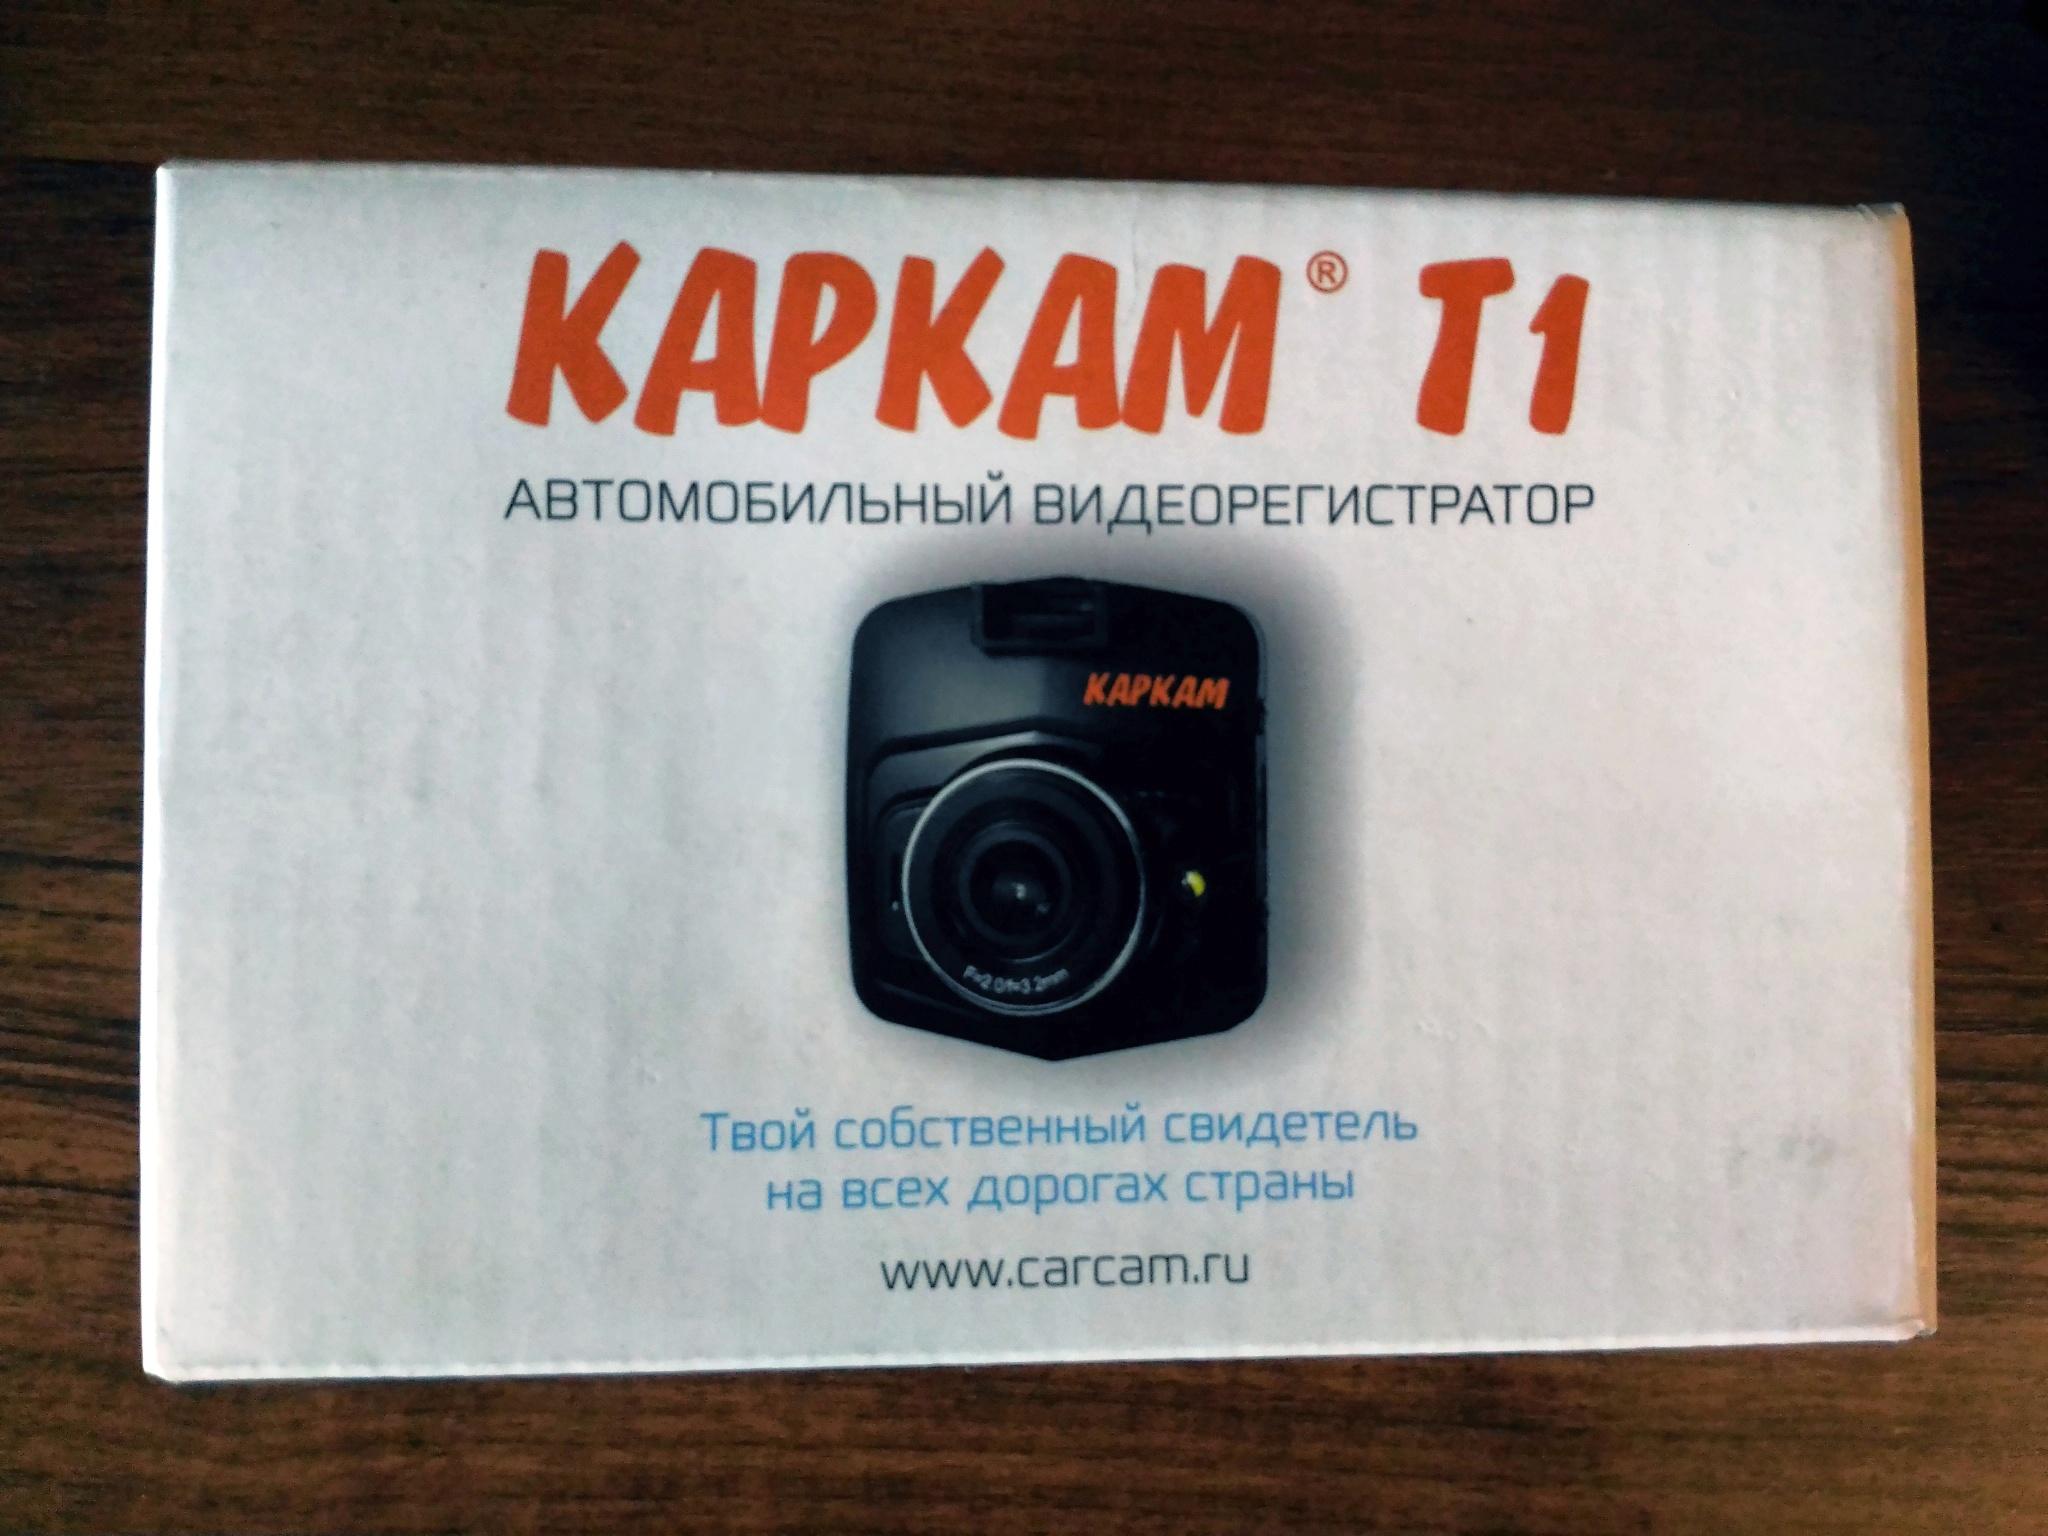 Авторегистратор carcam установка даты втомобильные видеорегистраторы в спб